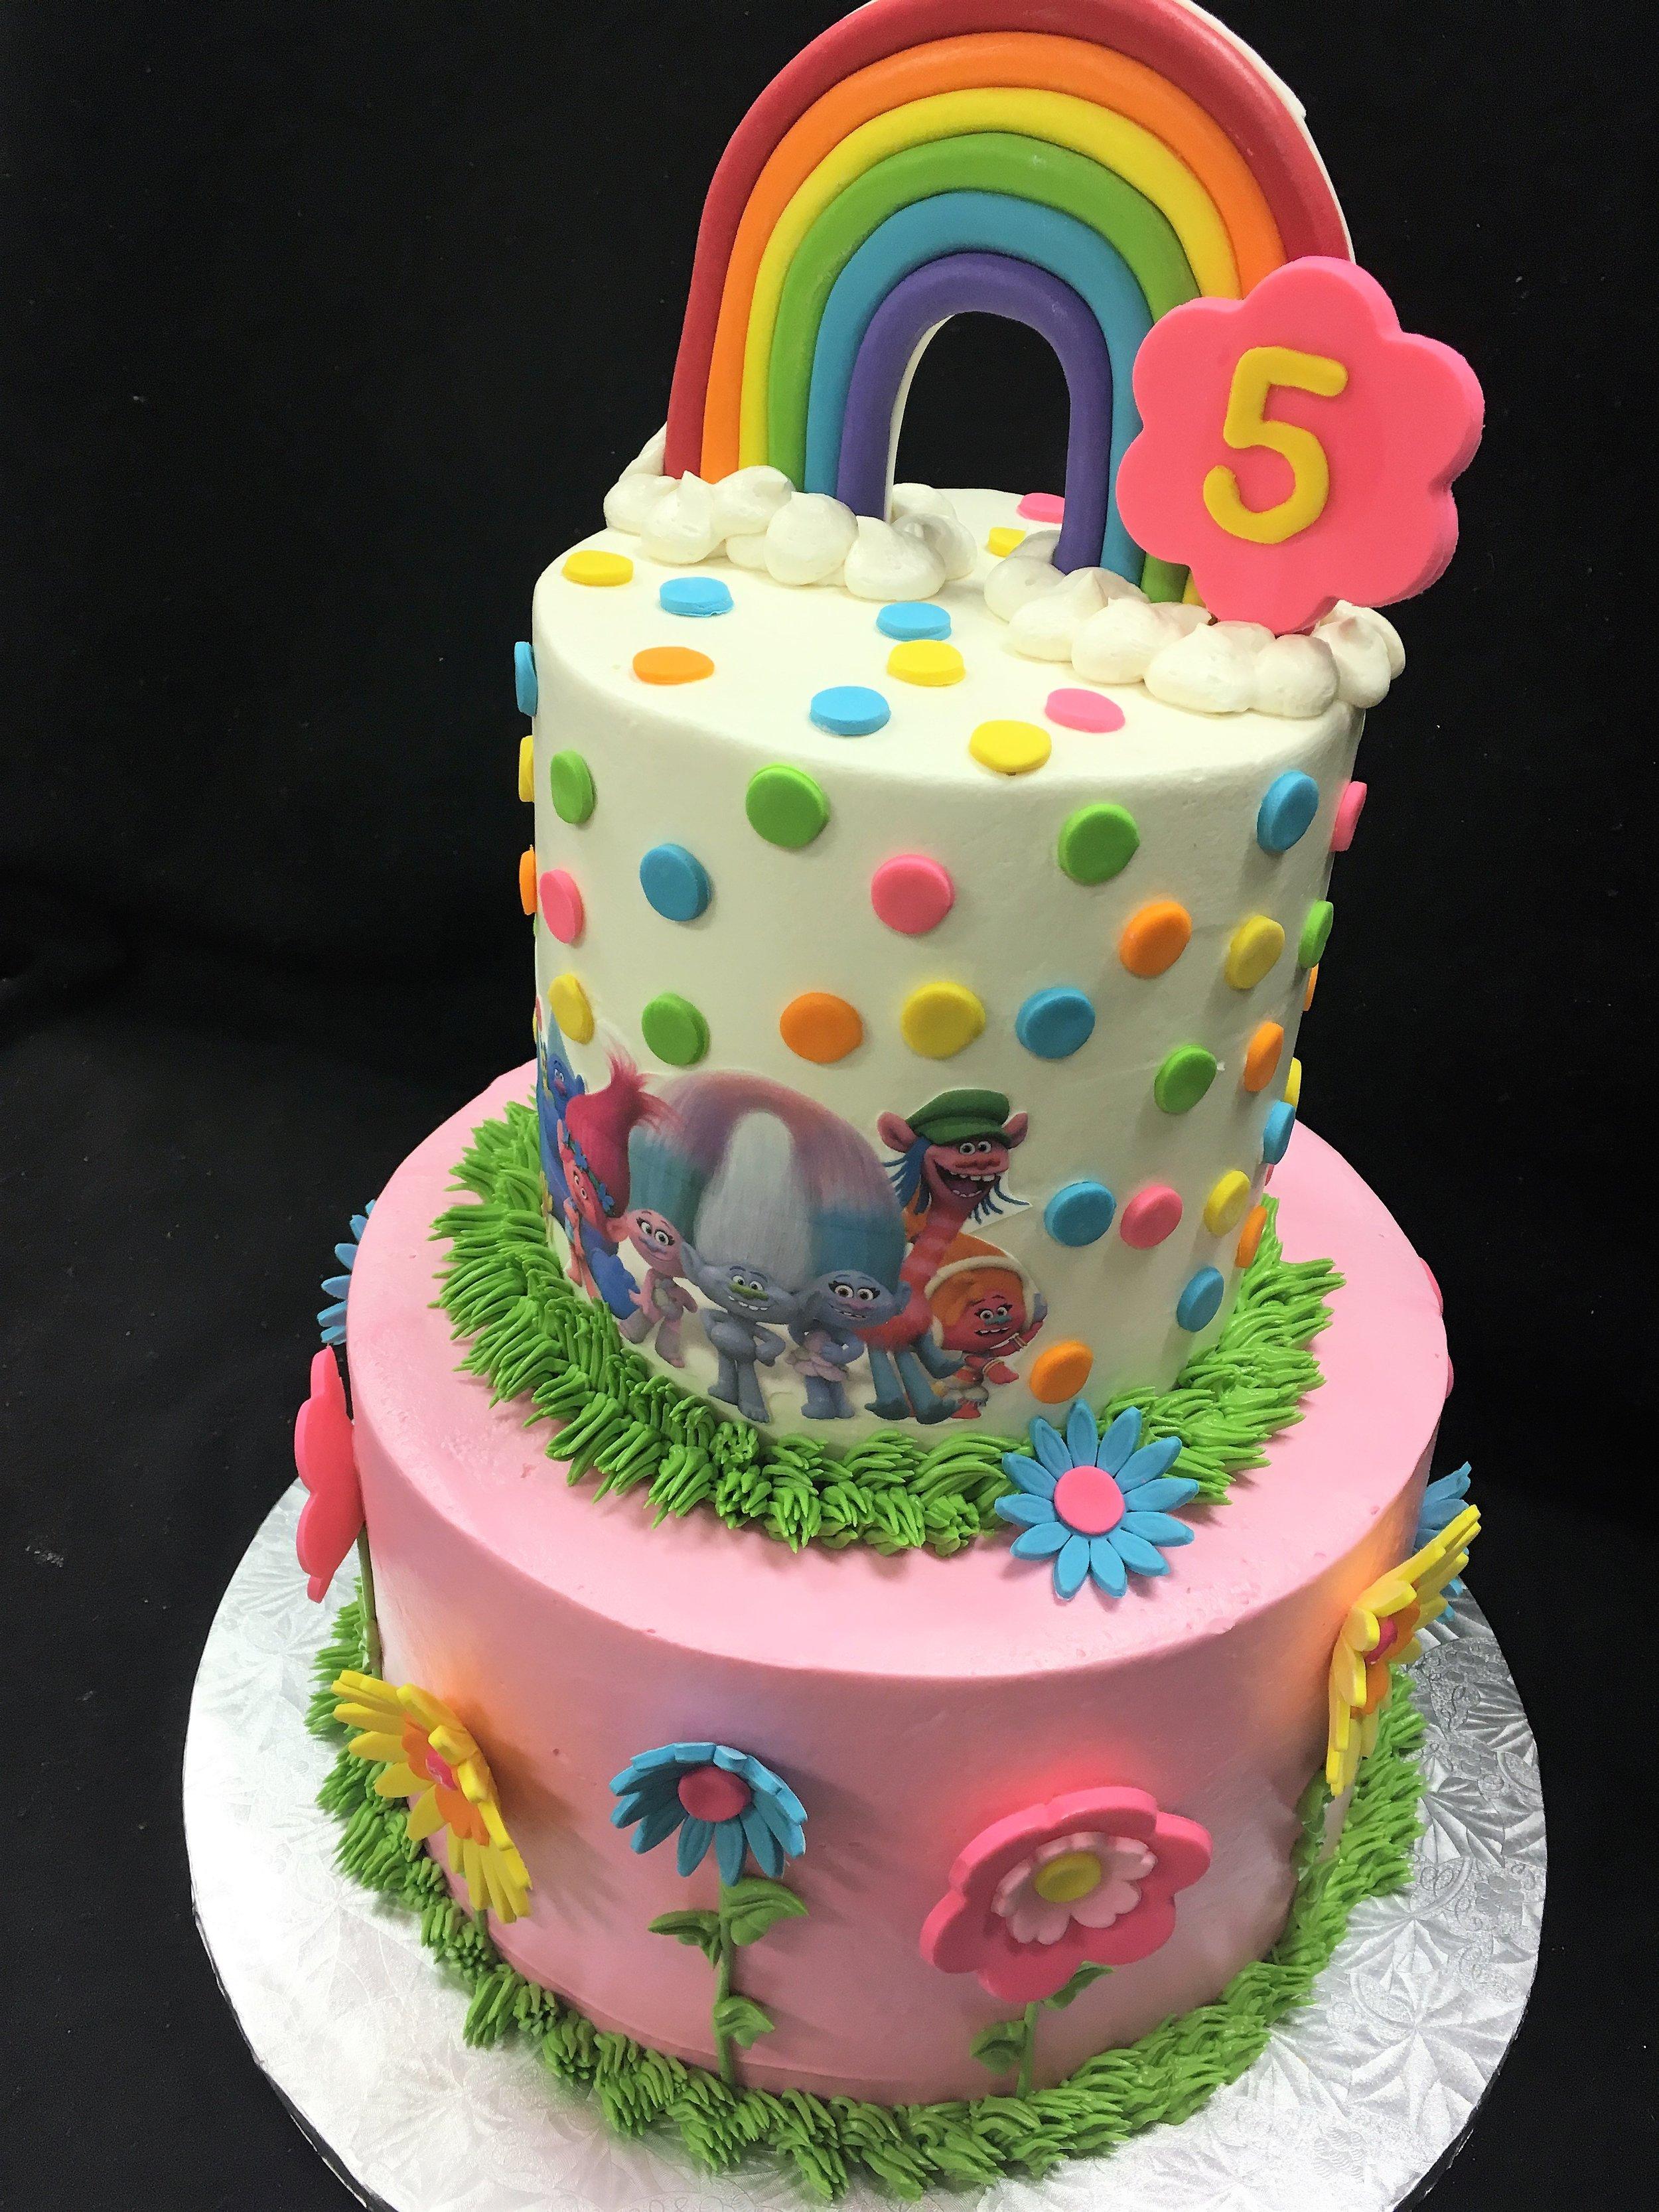 trolls cake 2 tier.jpg